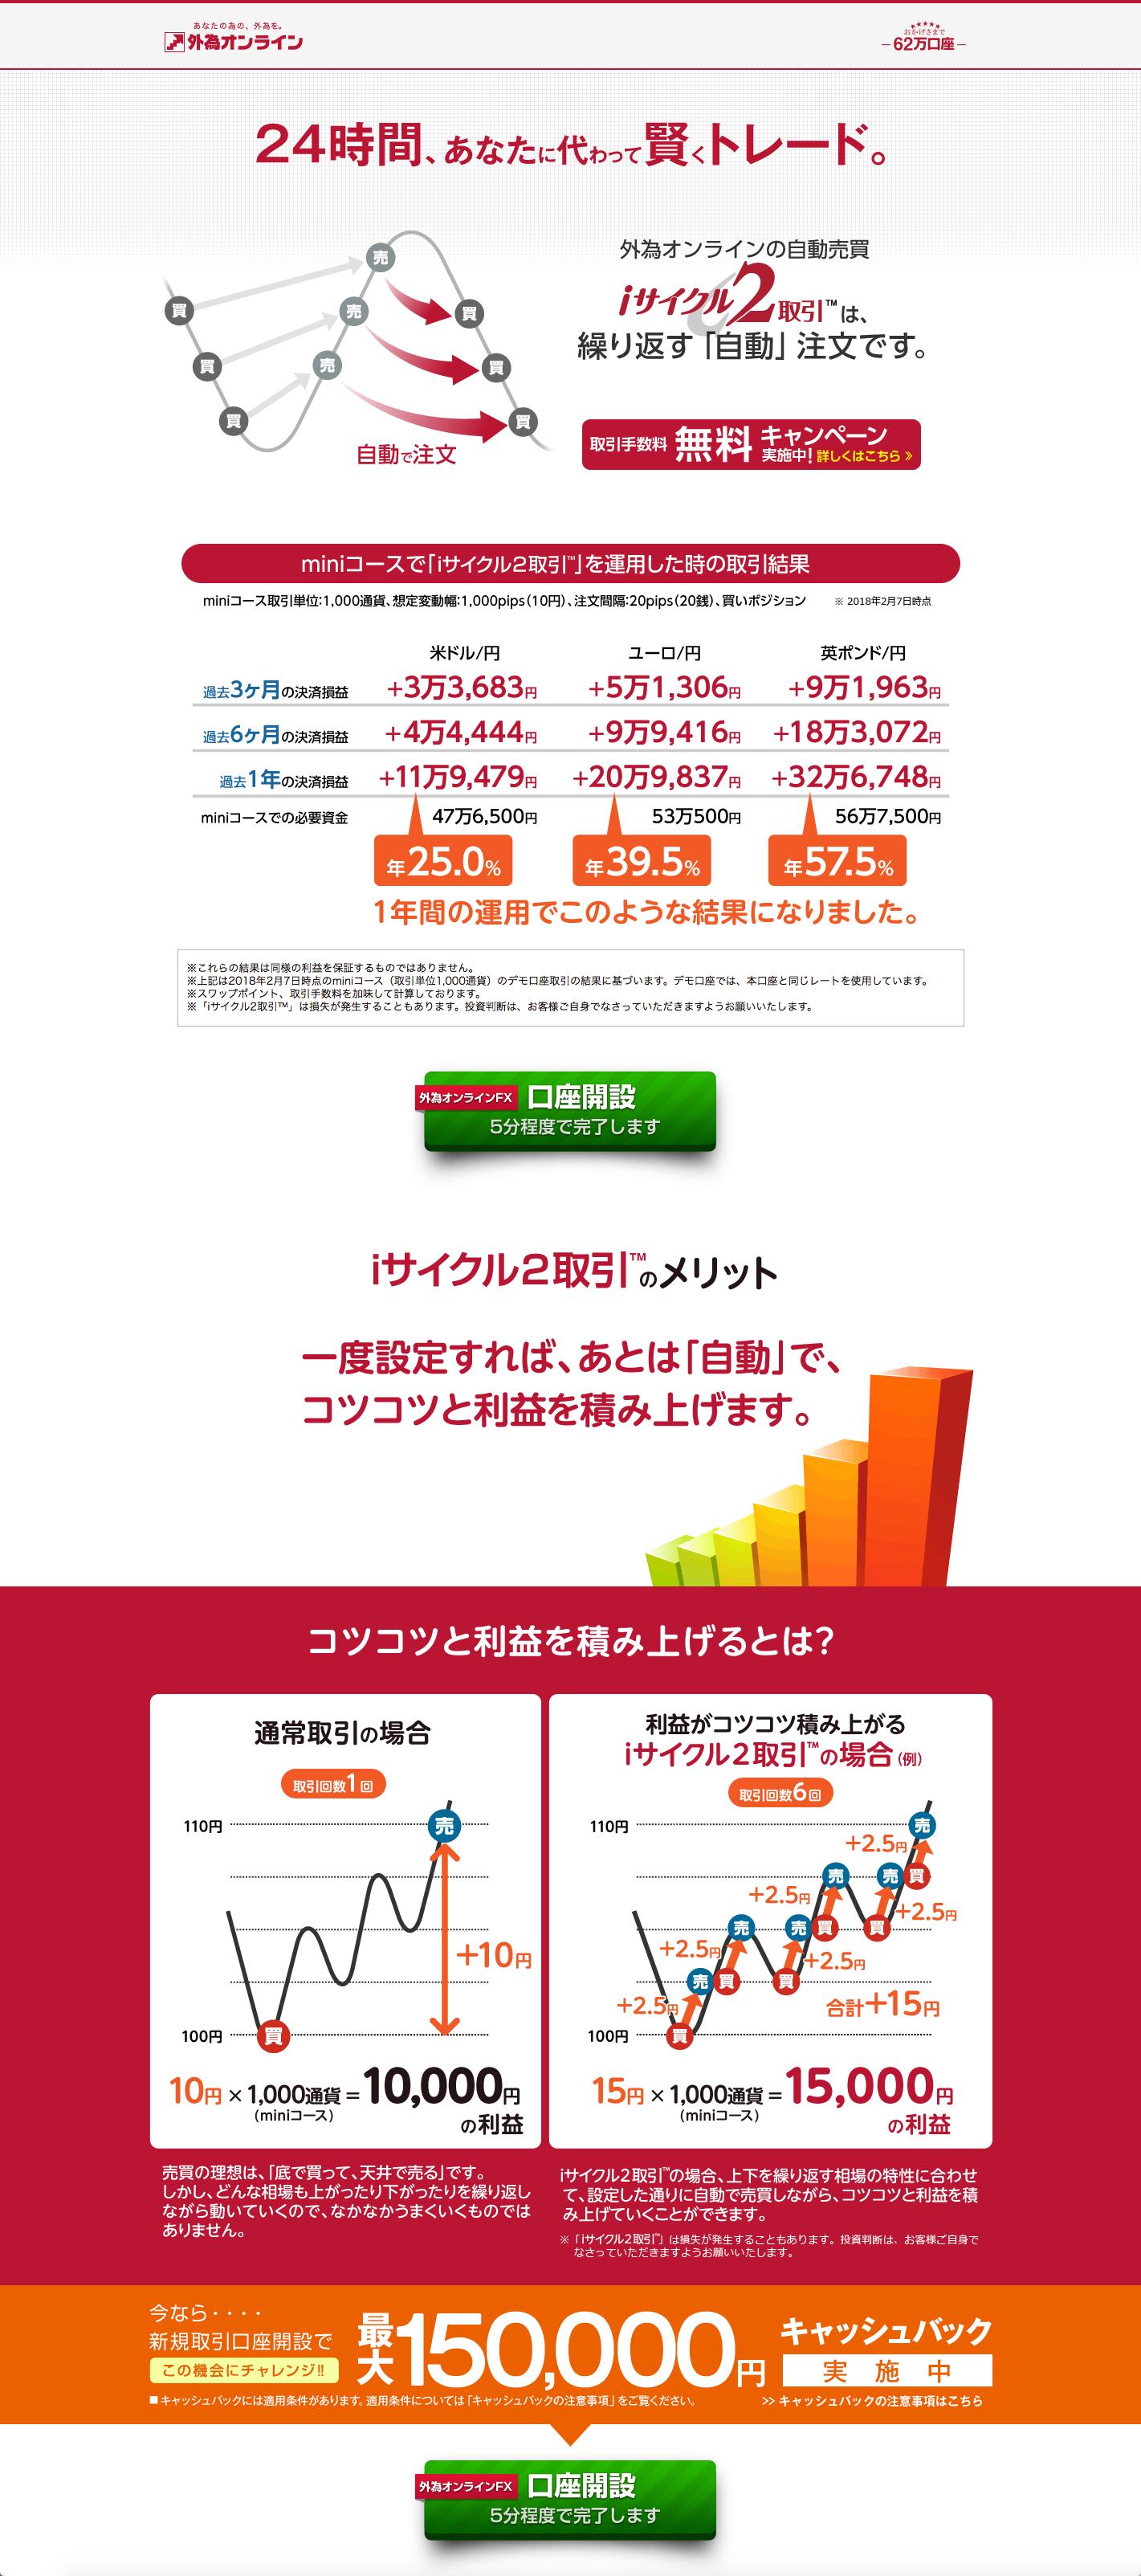 iサイクル2取引の広告ページ